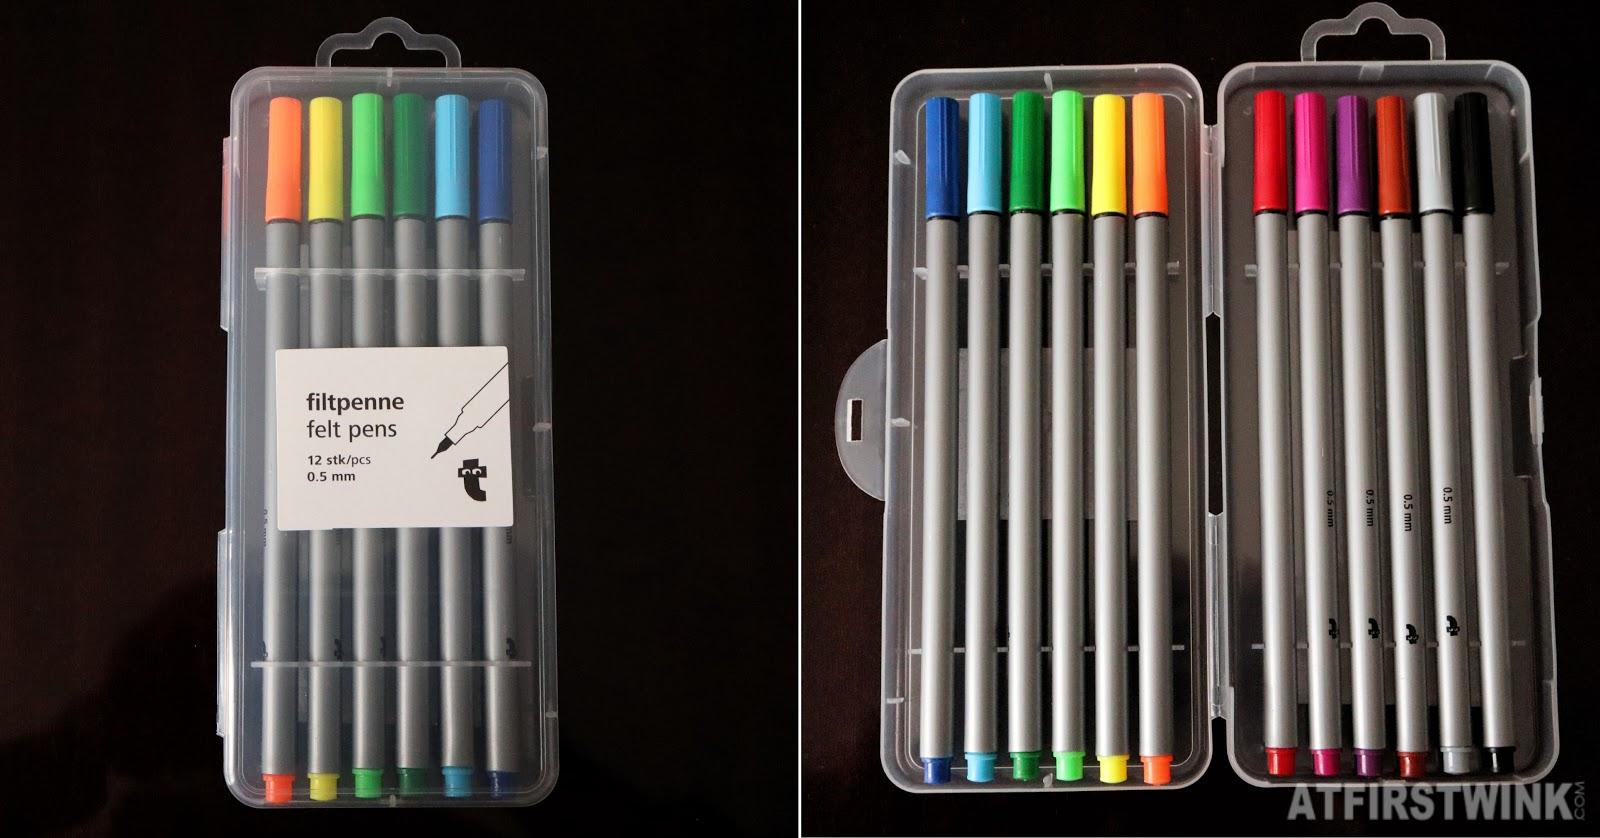 Flying tiger 0.5 mm felt tip pens stationery colors 12